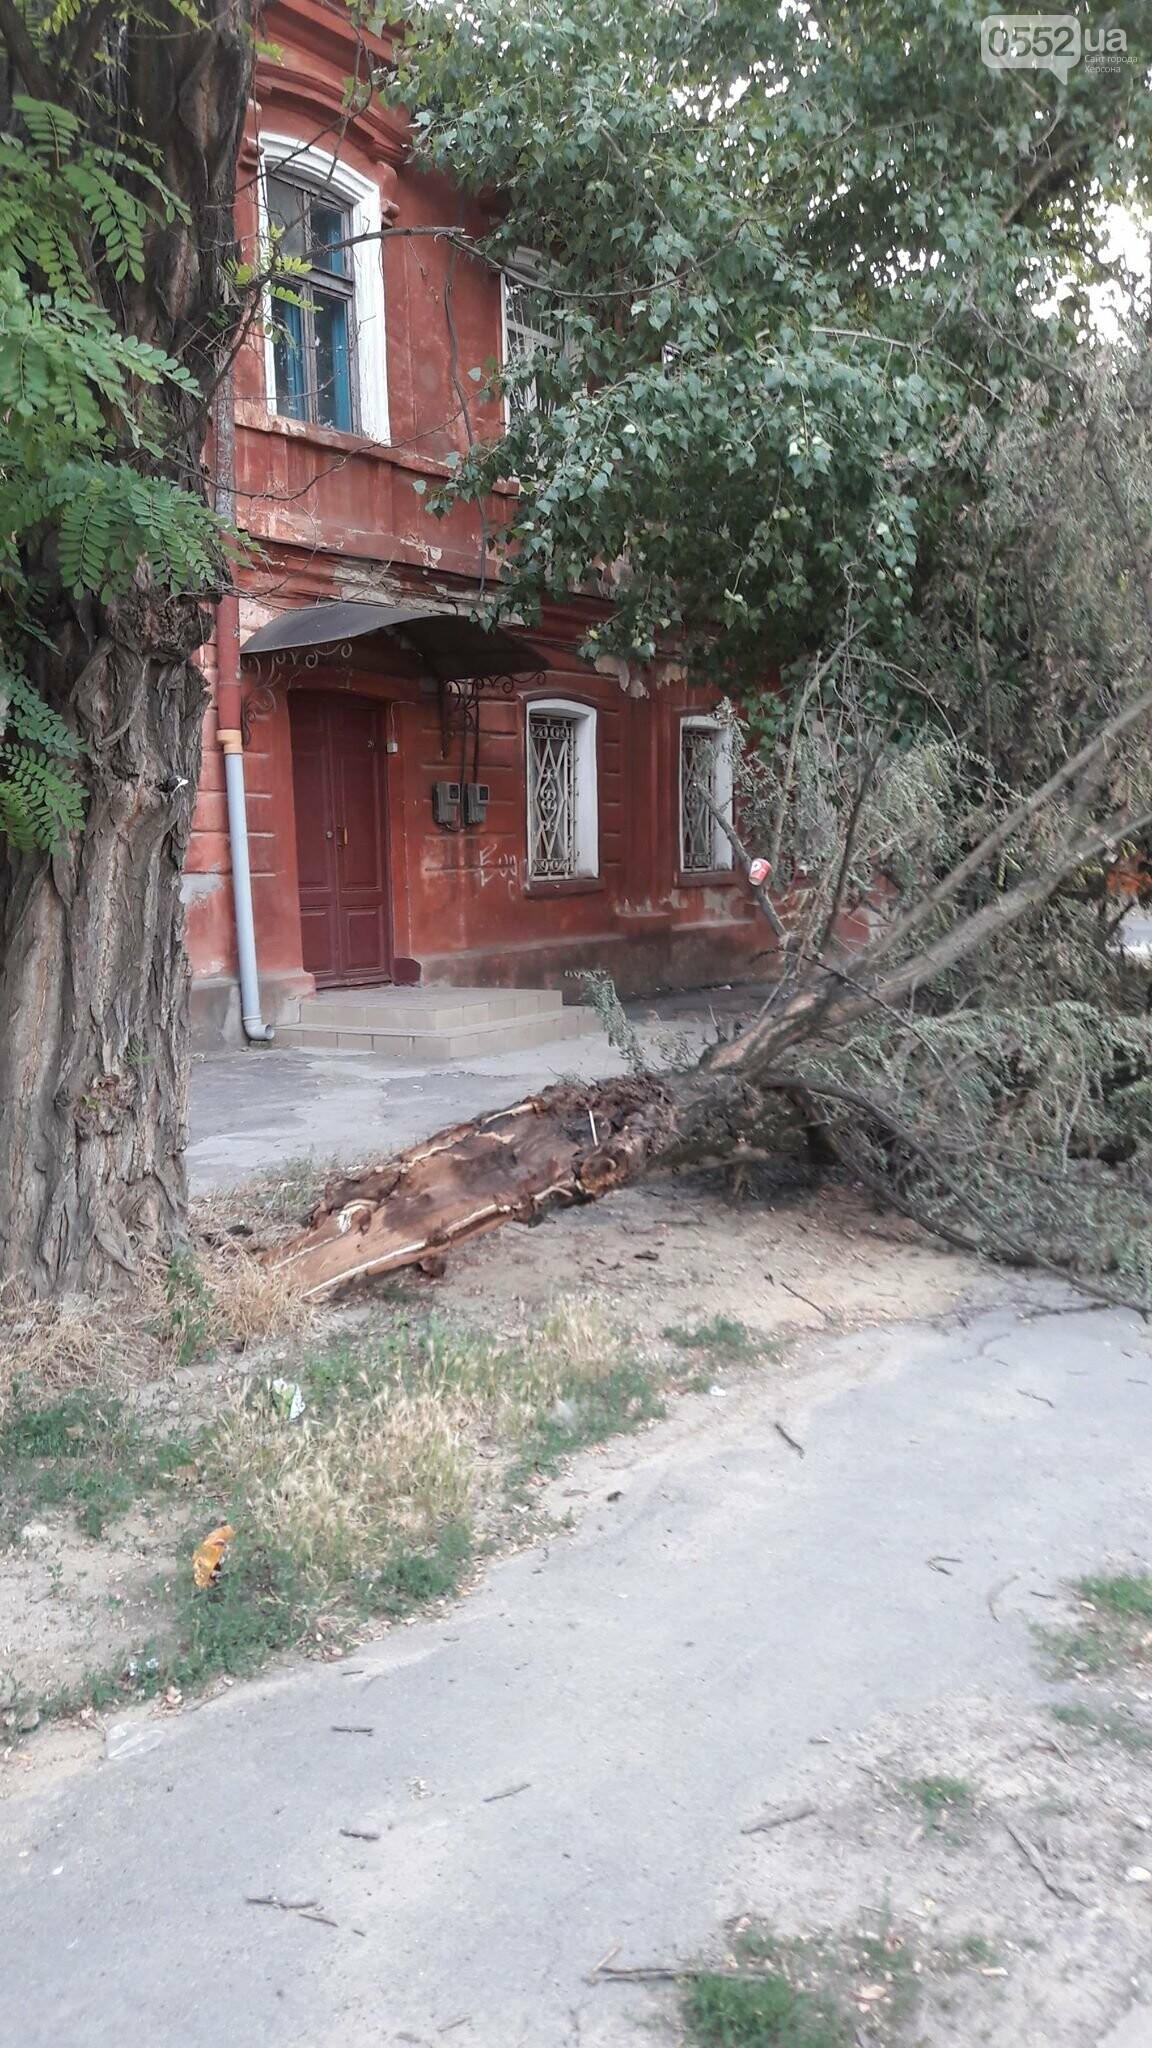 В Херсоне упавшая ветка перекрыла тротуар (фото), фото-2